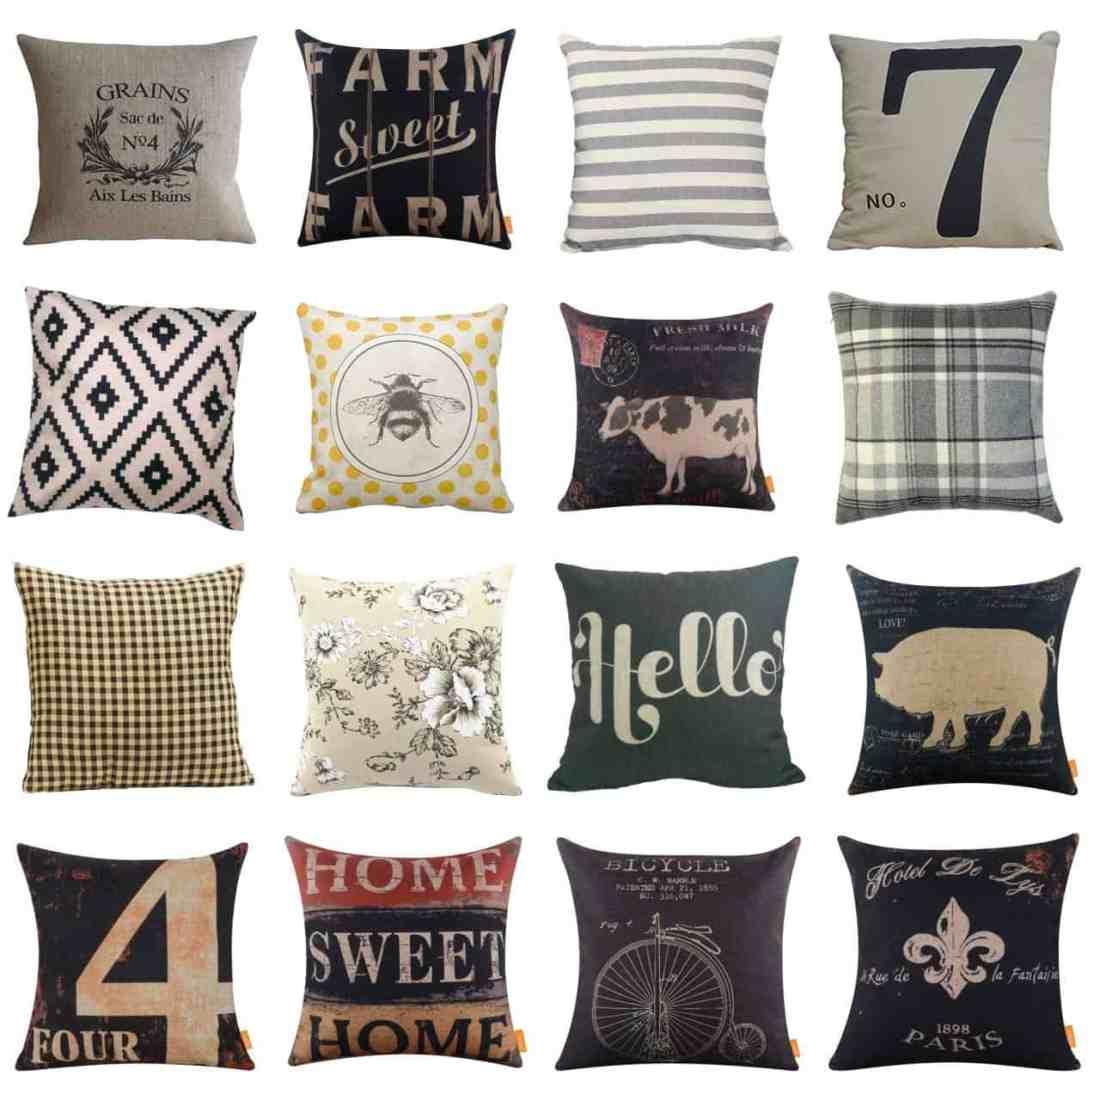 Farmhouse style pillows from Amazon